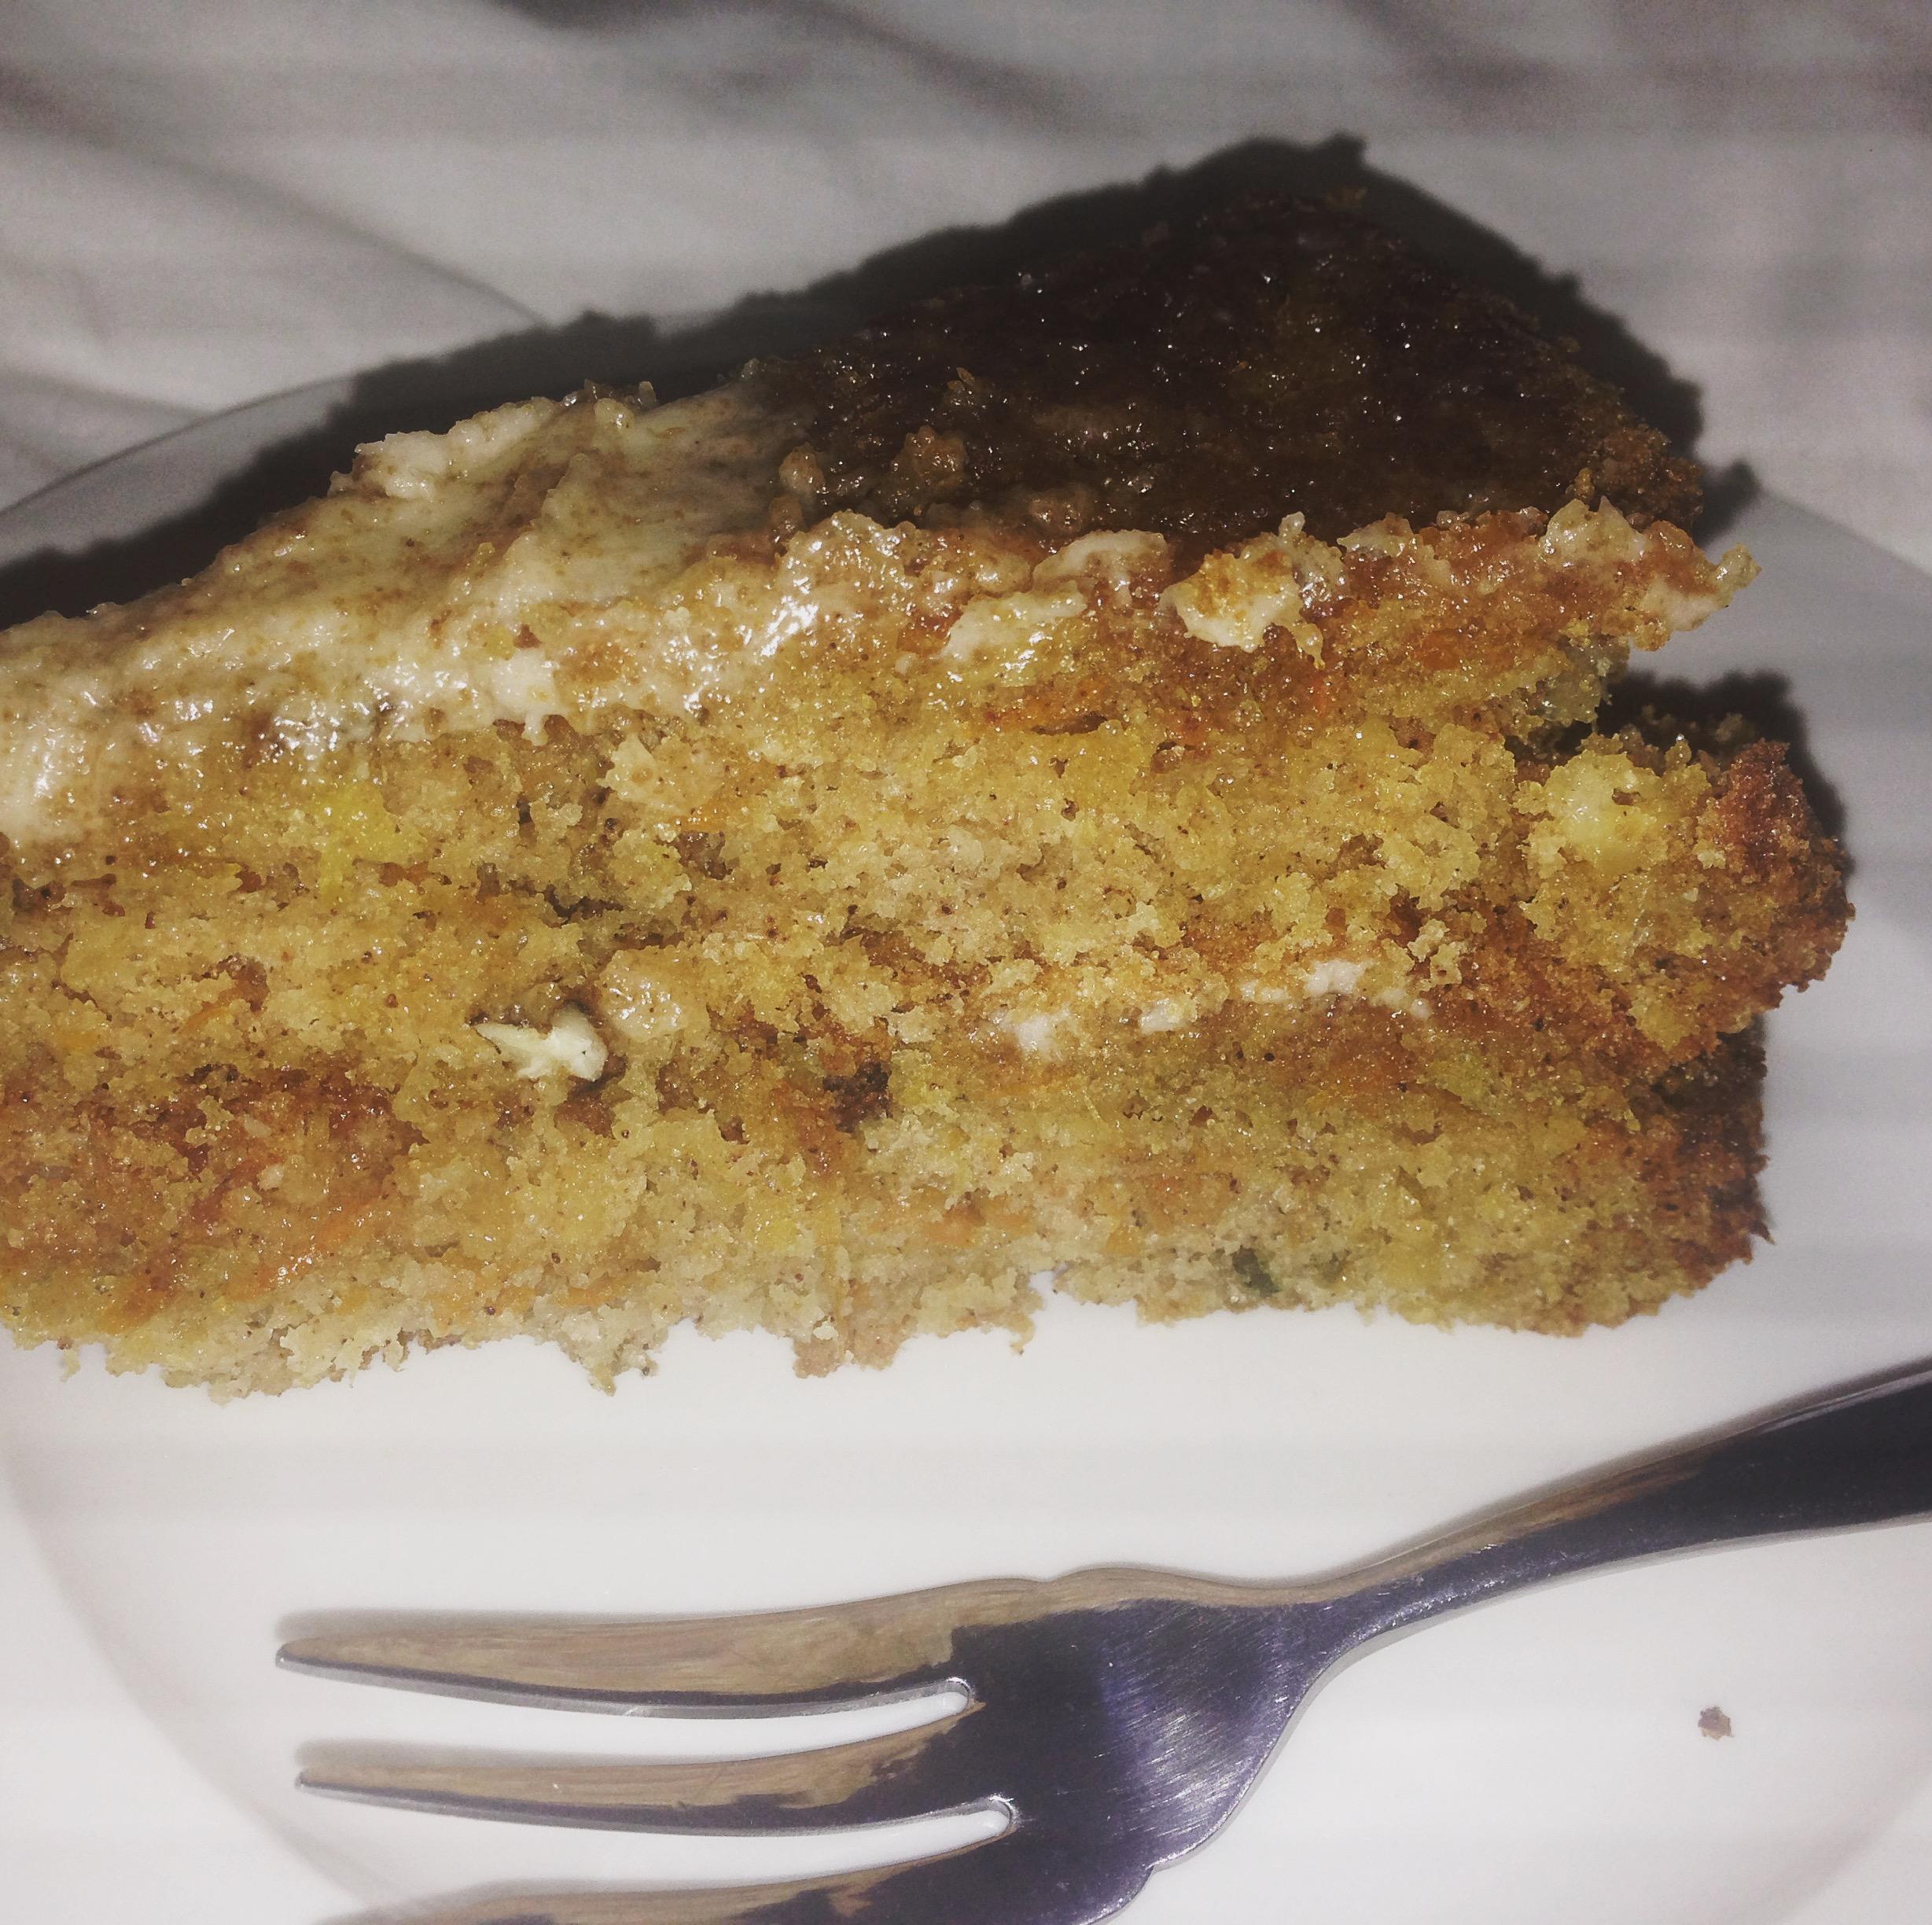 Reversing Autoimmune's Paleo Carrot Cake